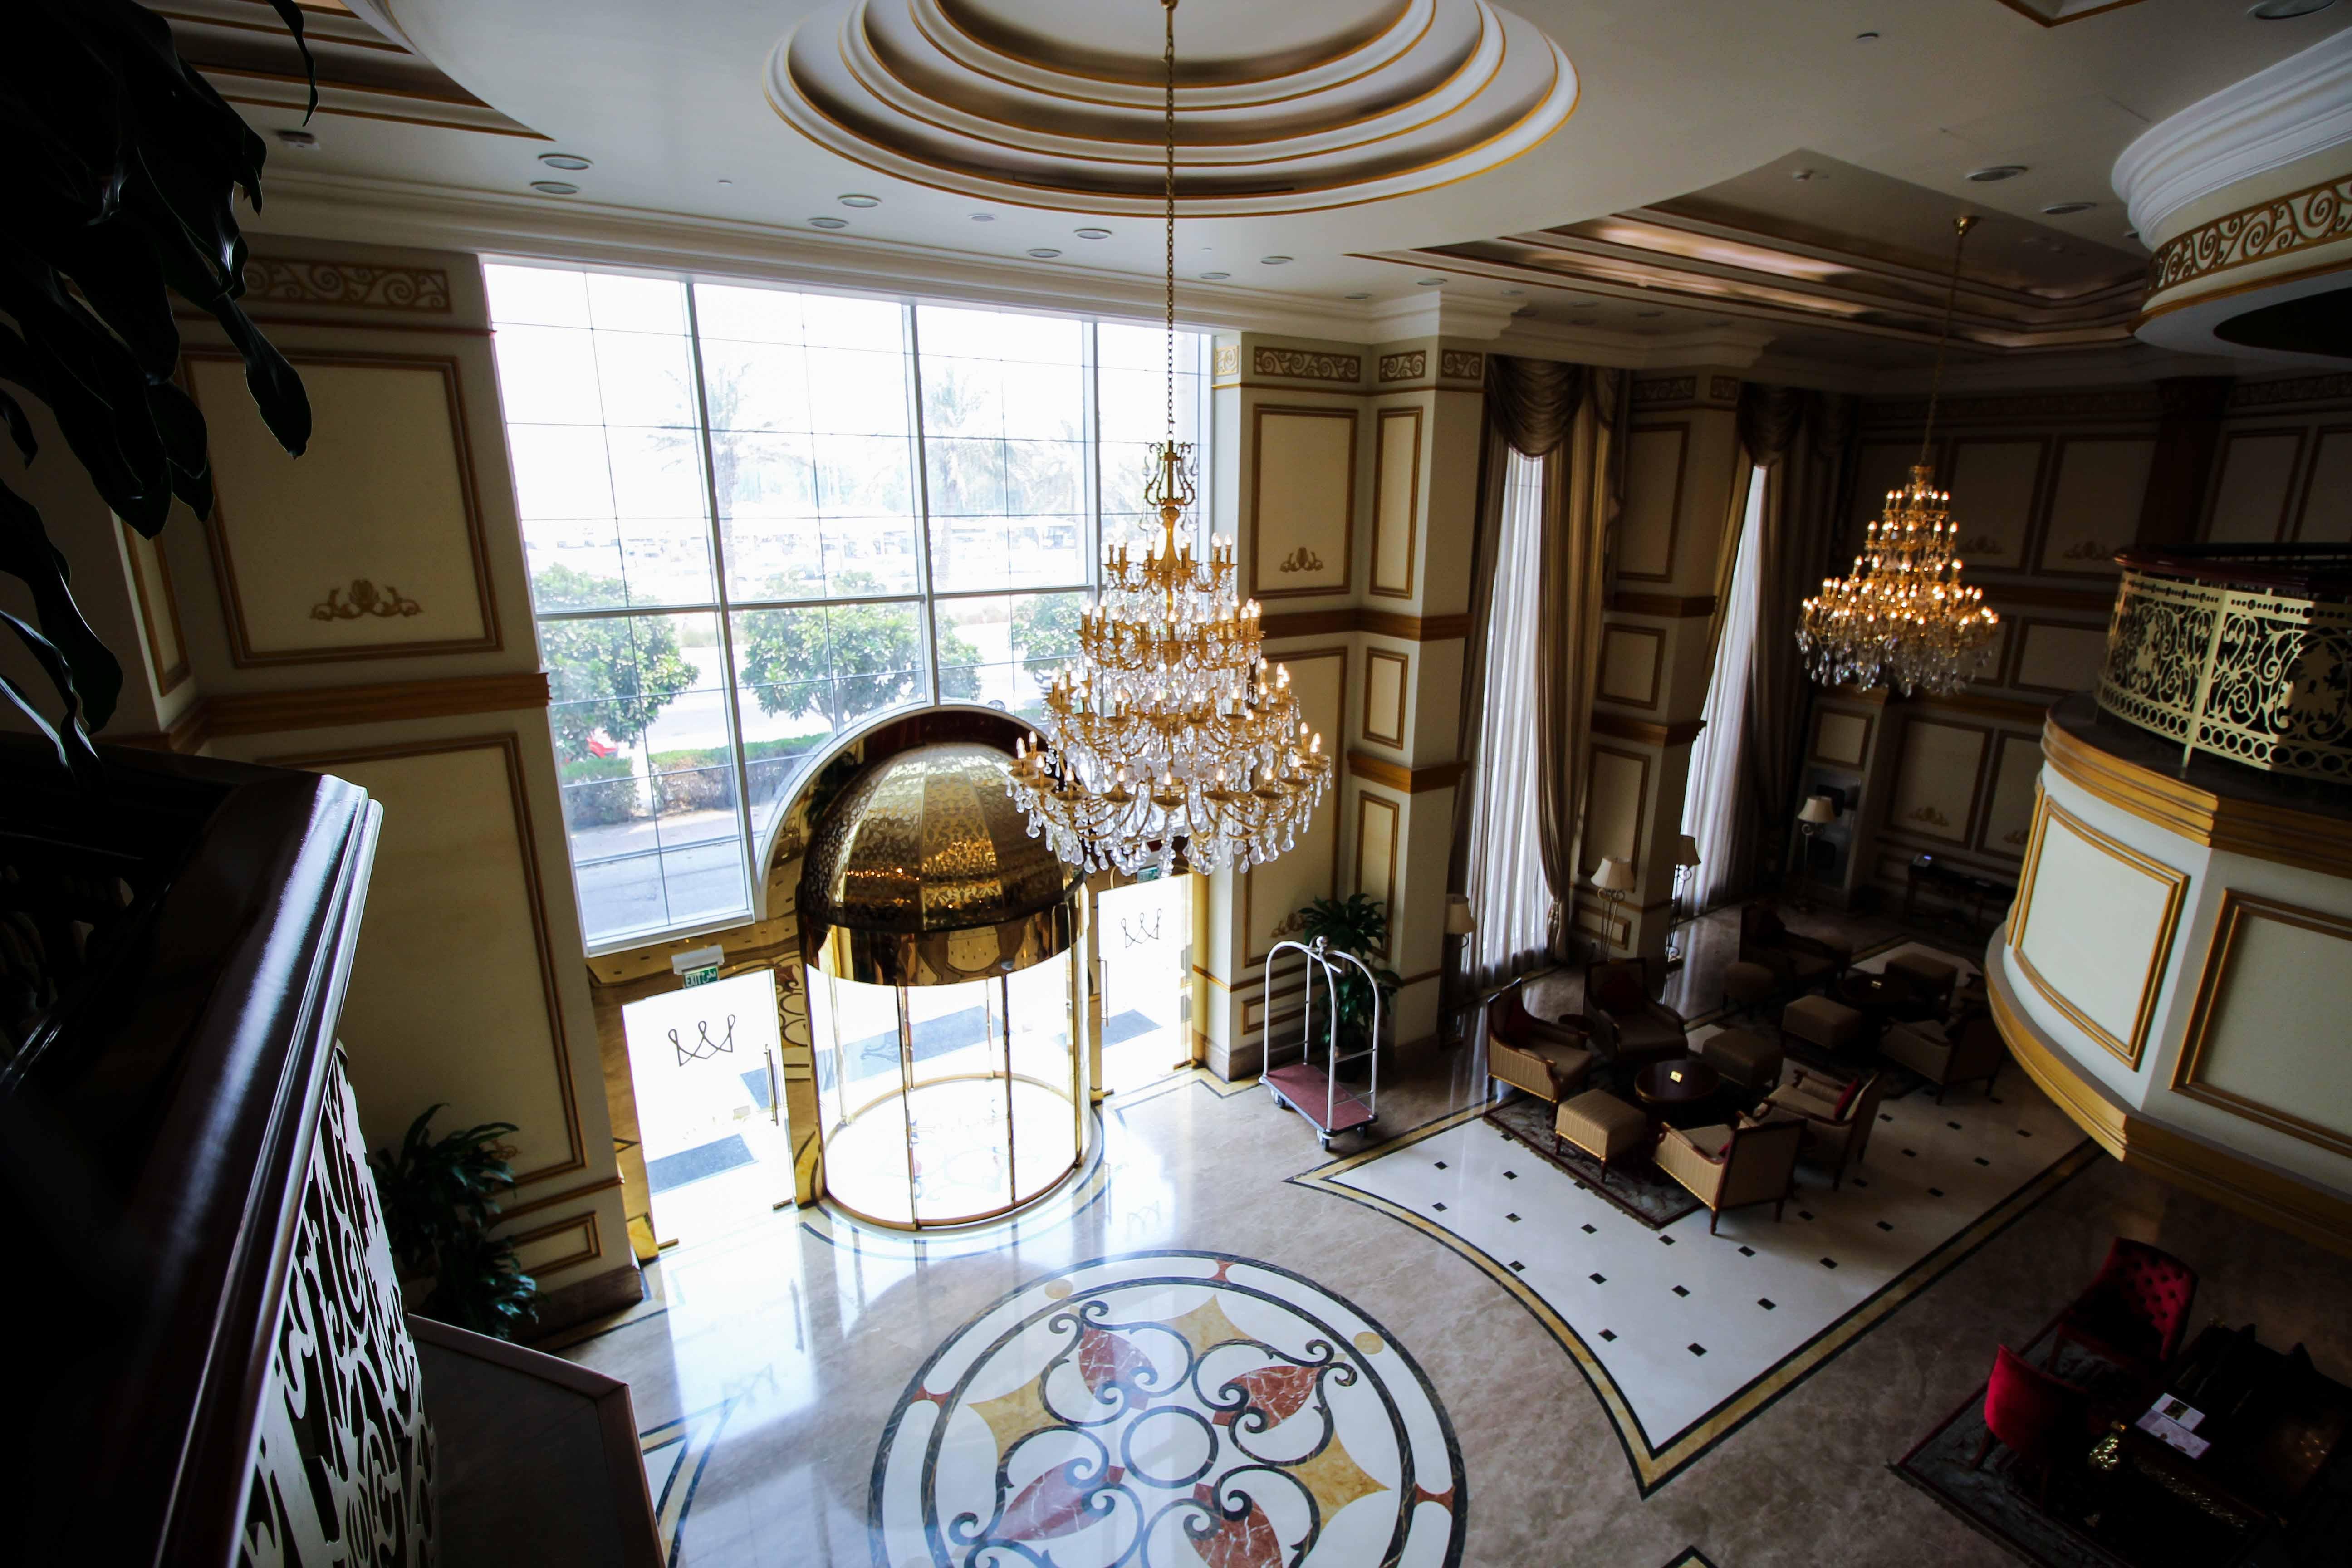 Warwick Hotel Doha Eingangshalle Gold Luxushotel 5 Sterne Hotel Katar Qatar Reiseblog